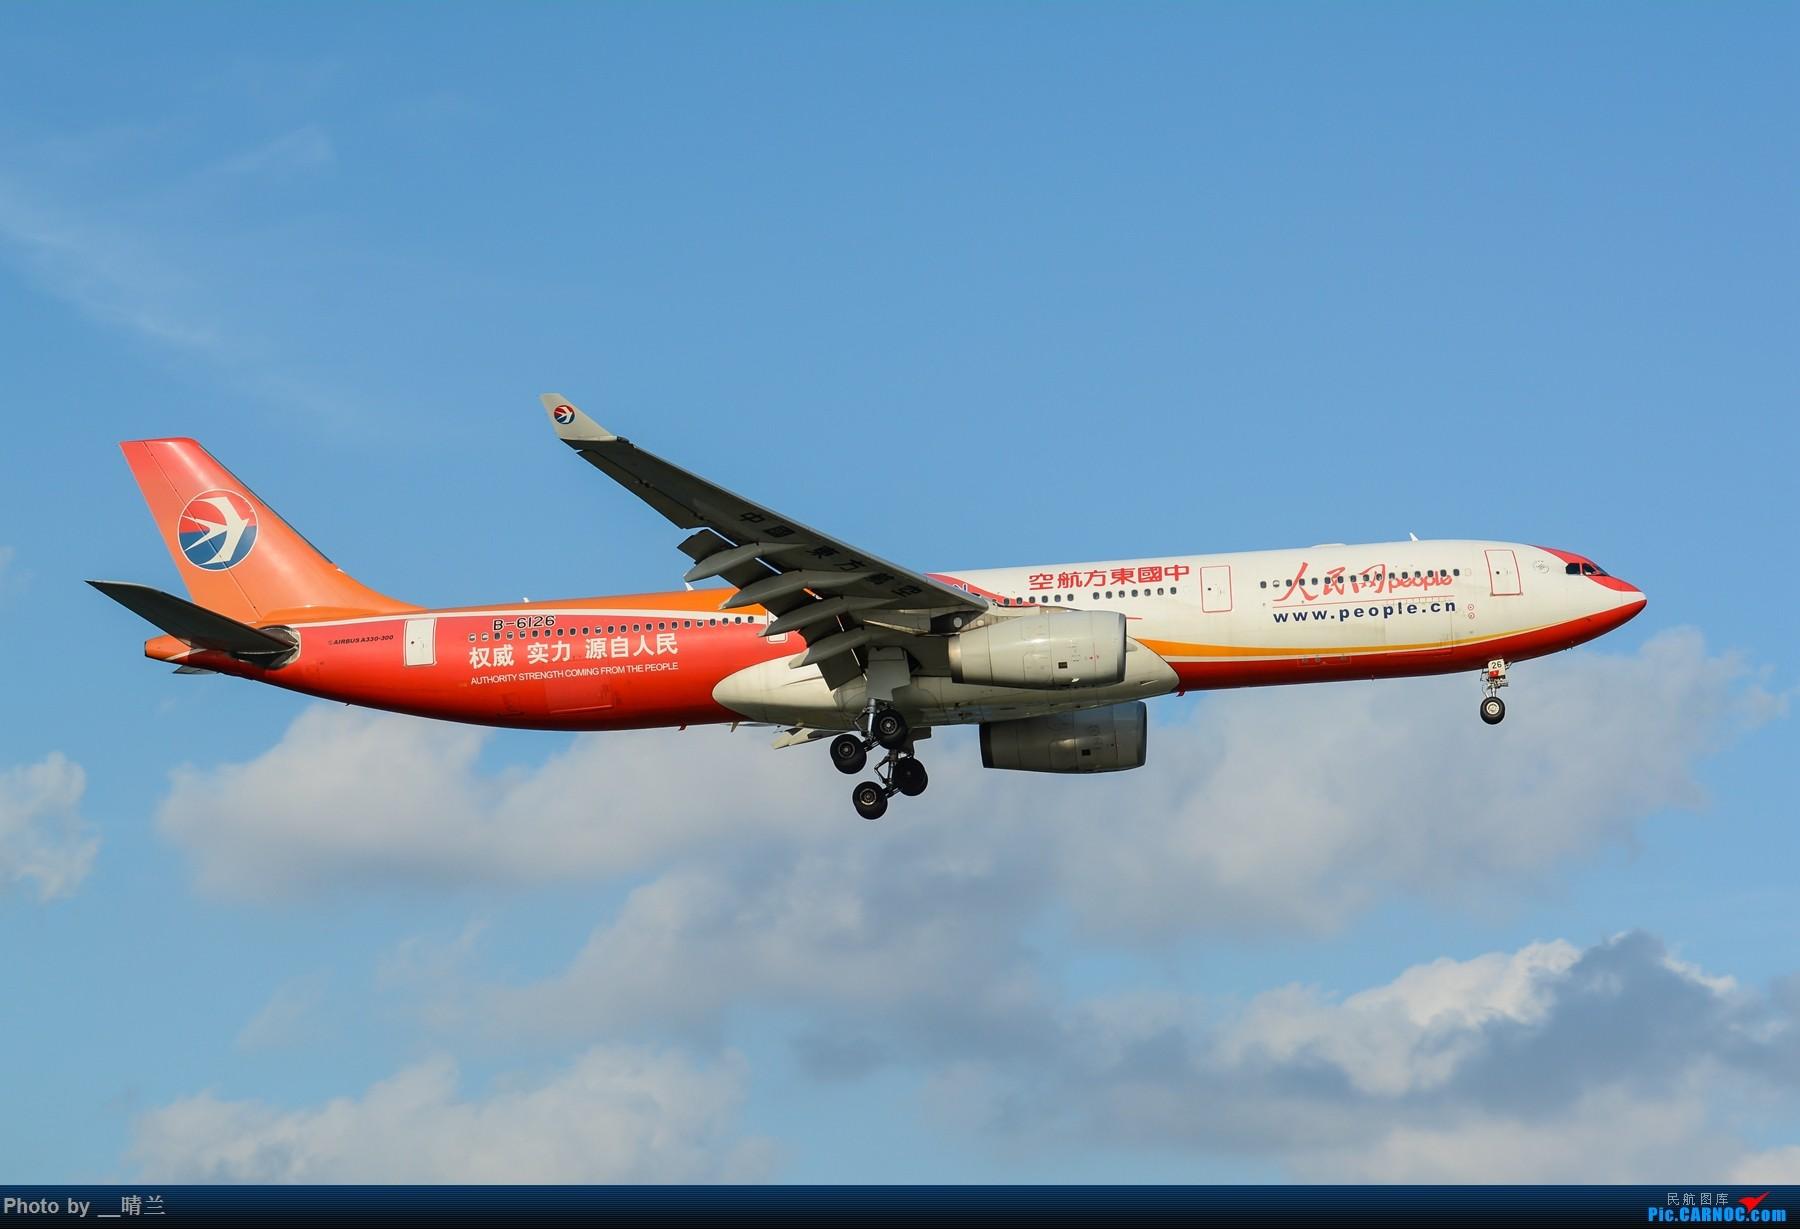 Re:[原创]果然昨天发了图,今天SHA就是大蓝天~~最开心的事莫过于基友们一起拍机! AIRBUS A330-300 B-6126 中国上海虹桥国际机场